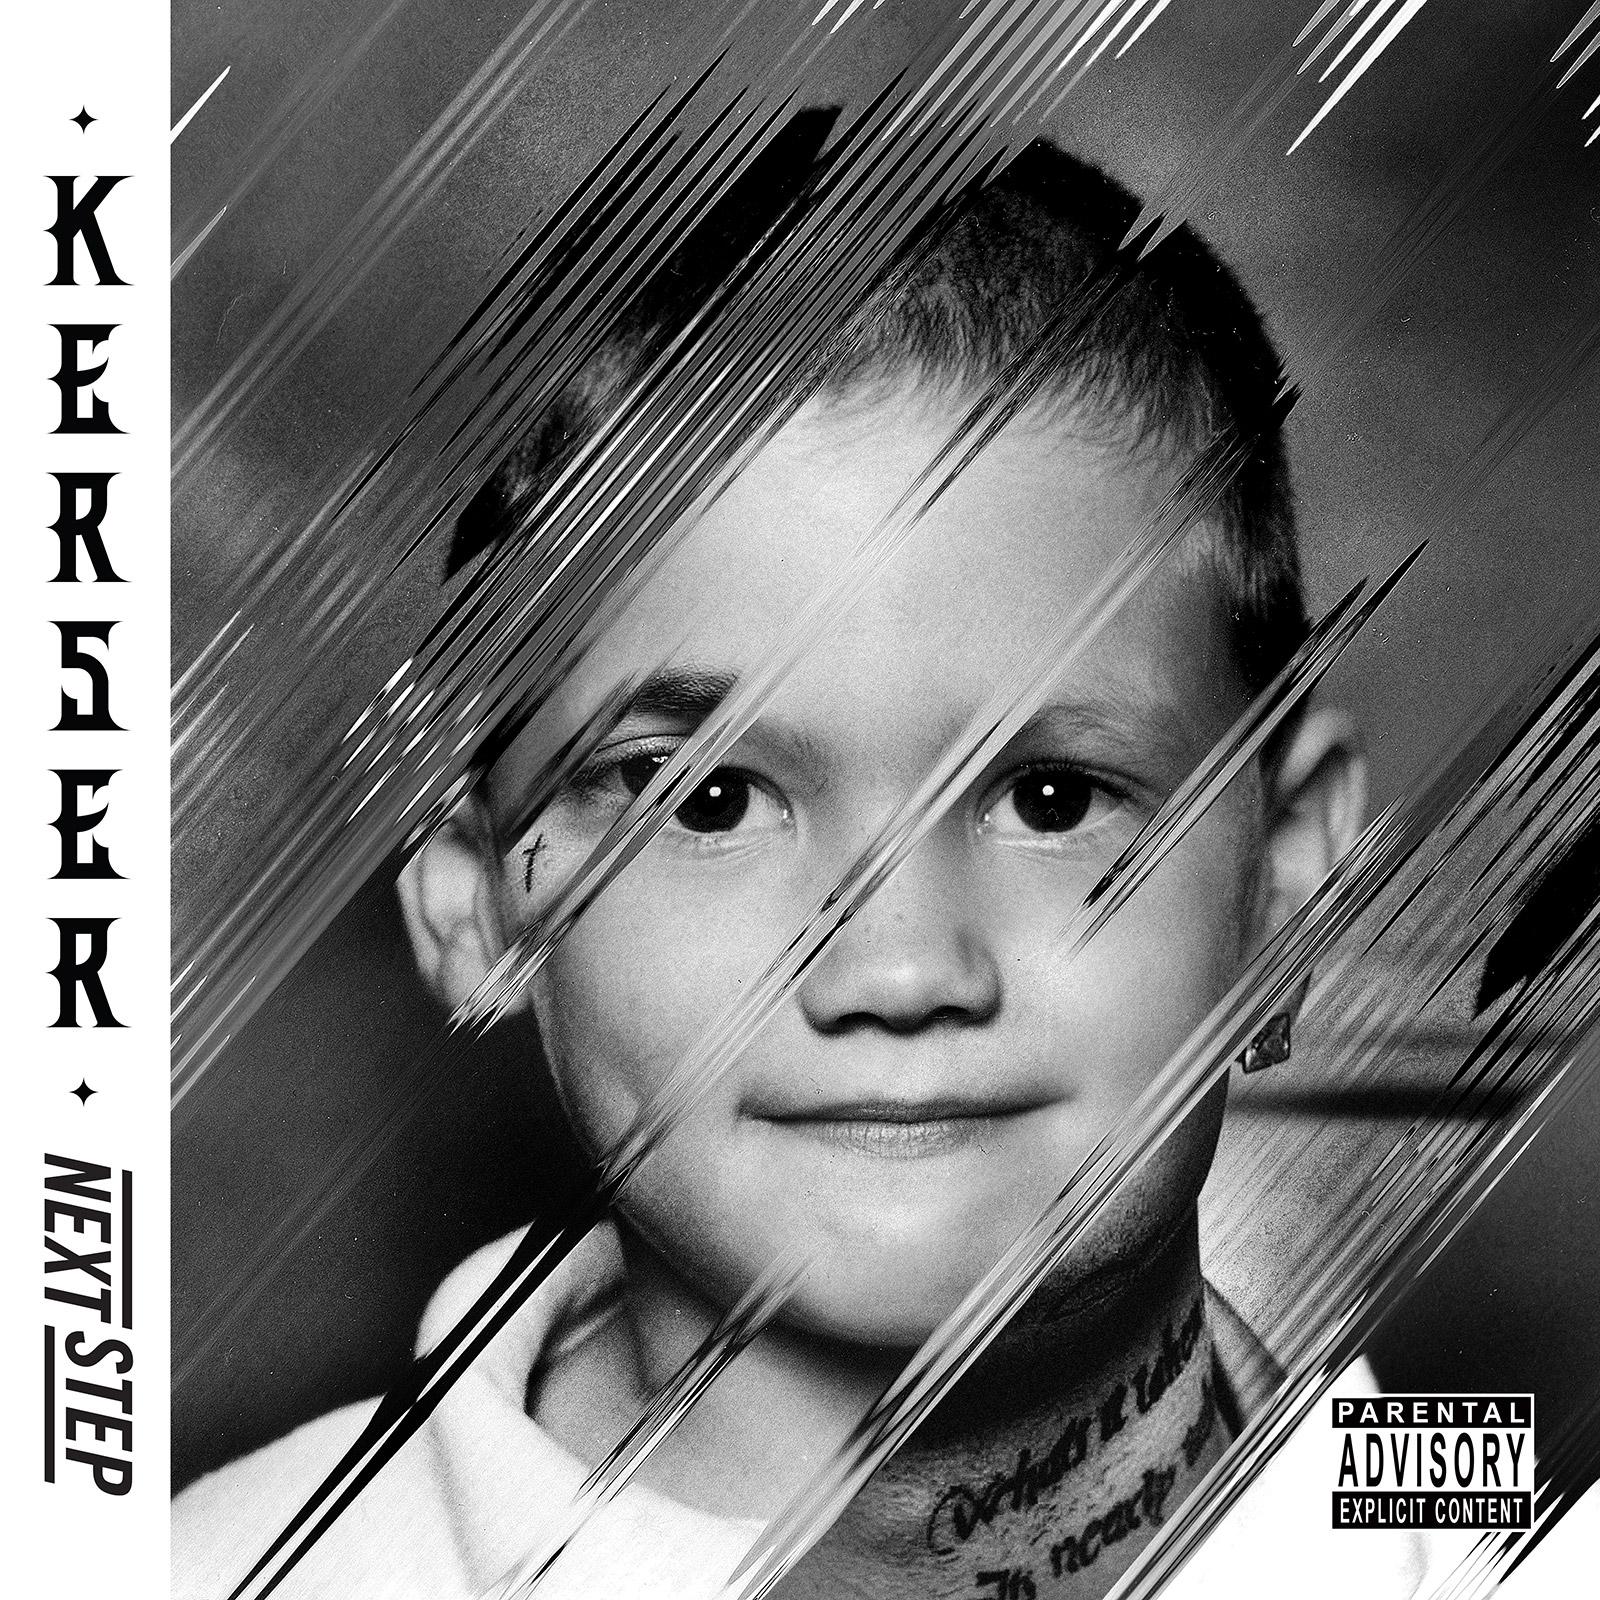 Kerser_Cover_NextStep